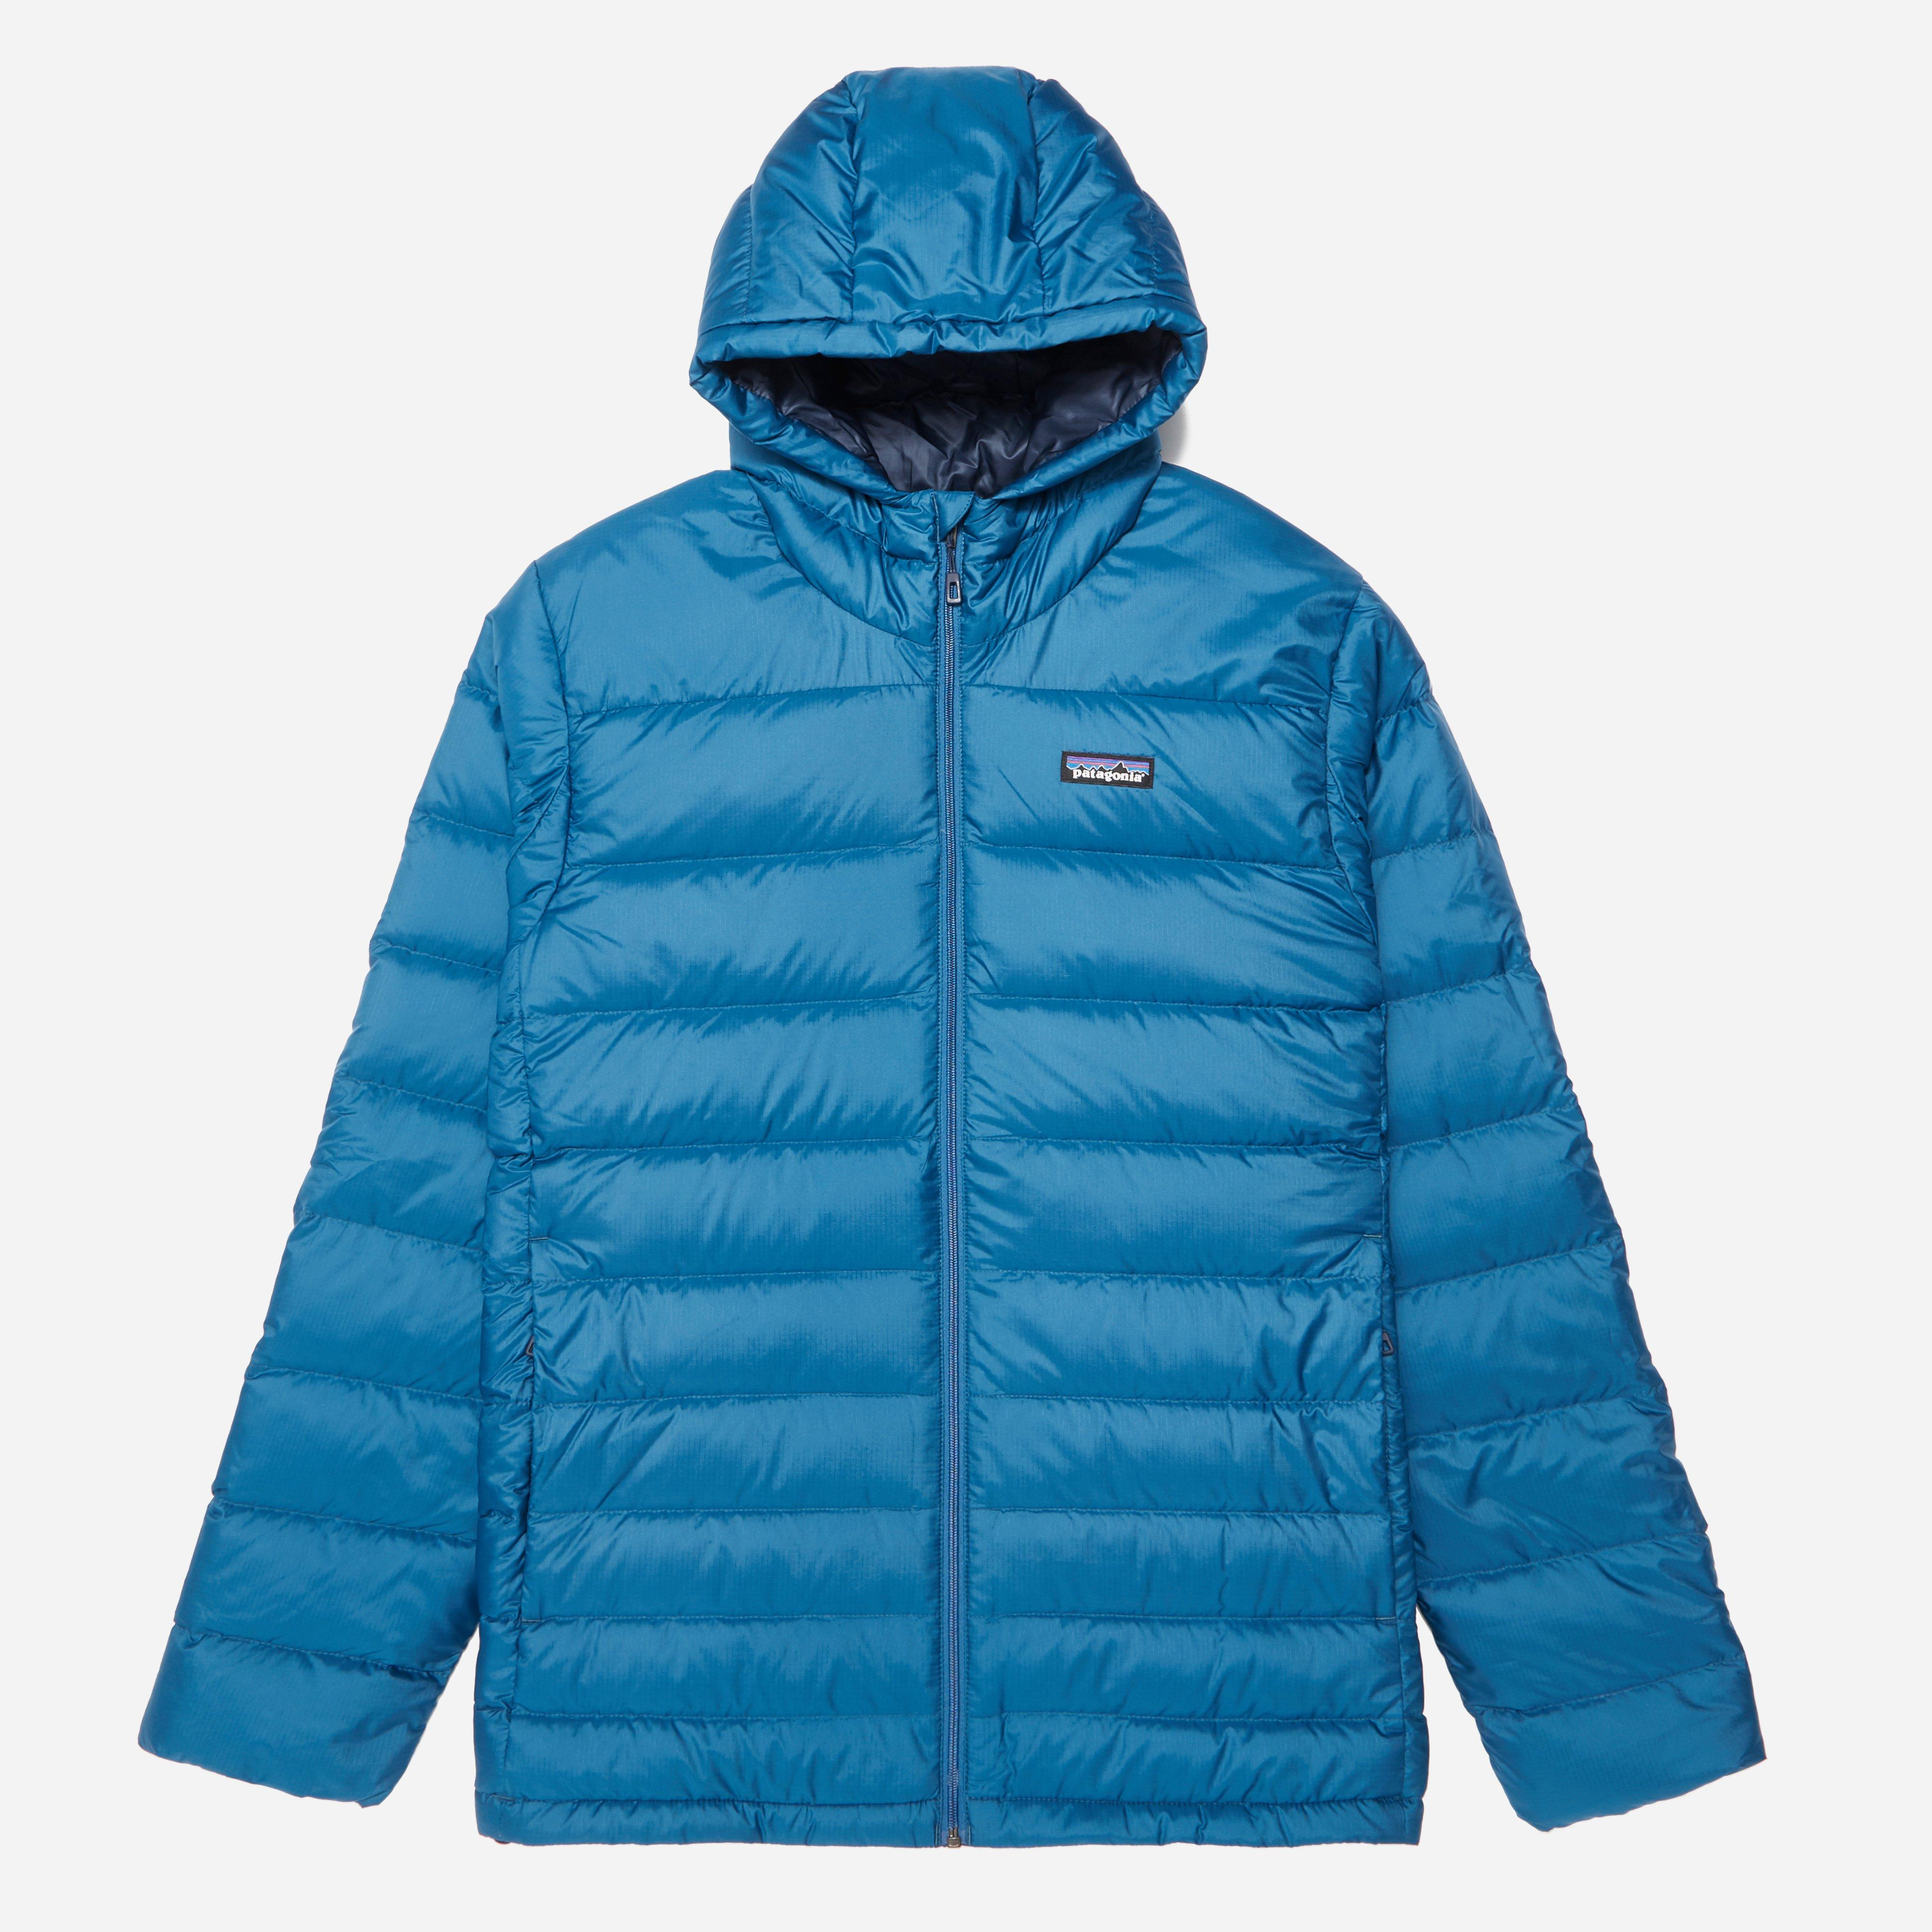 Patagonia Hi Loft Down Hoody Jacket